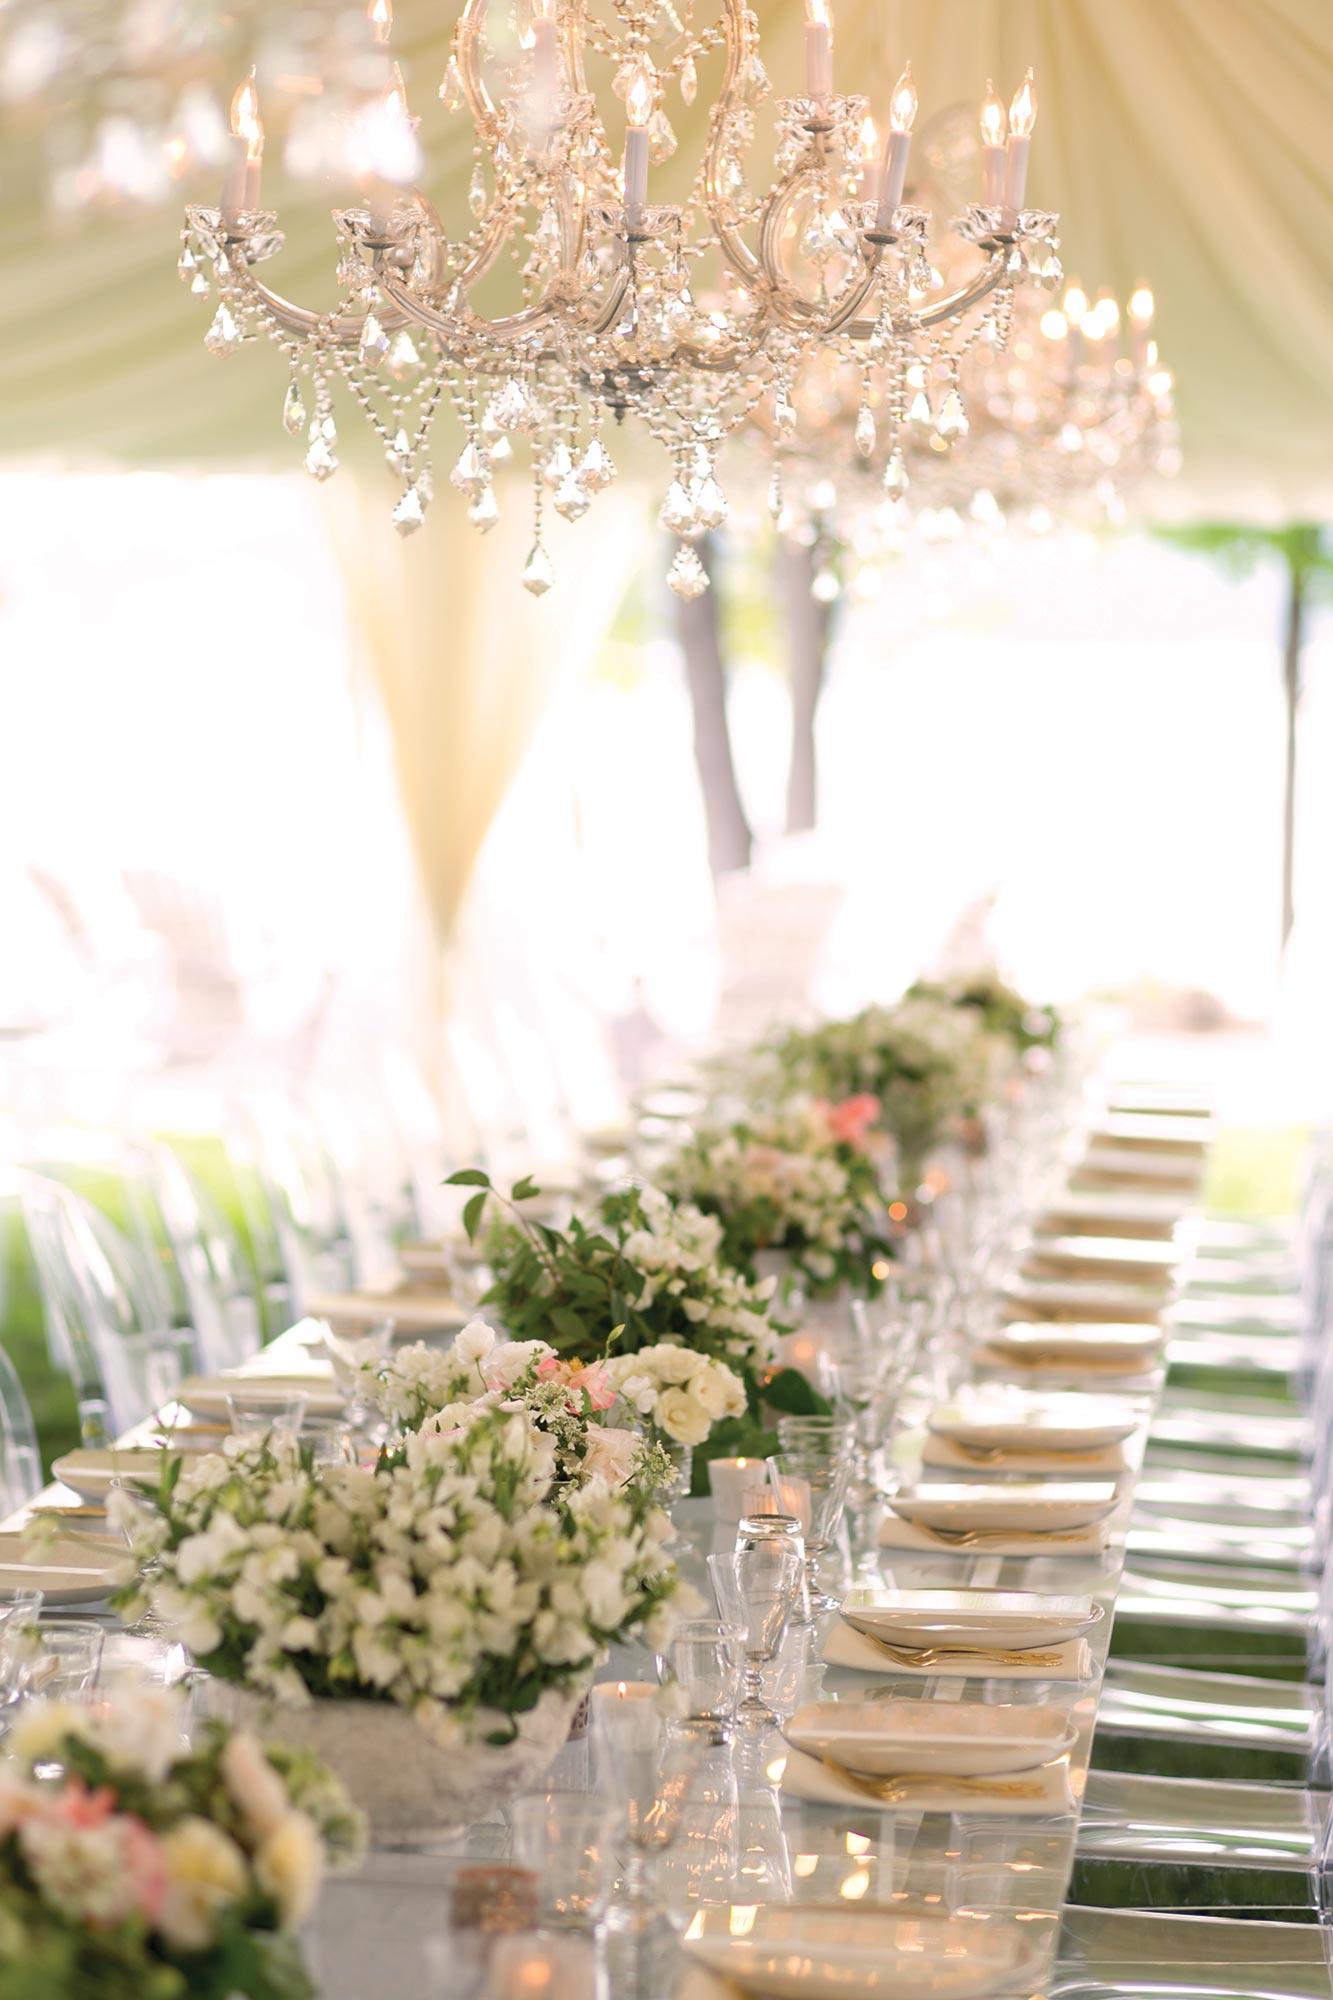 cele mai frumoase trenduri pentru nunti 2016 - lumini